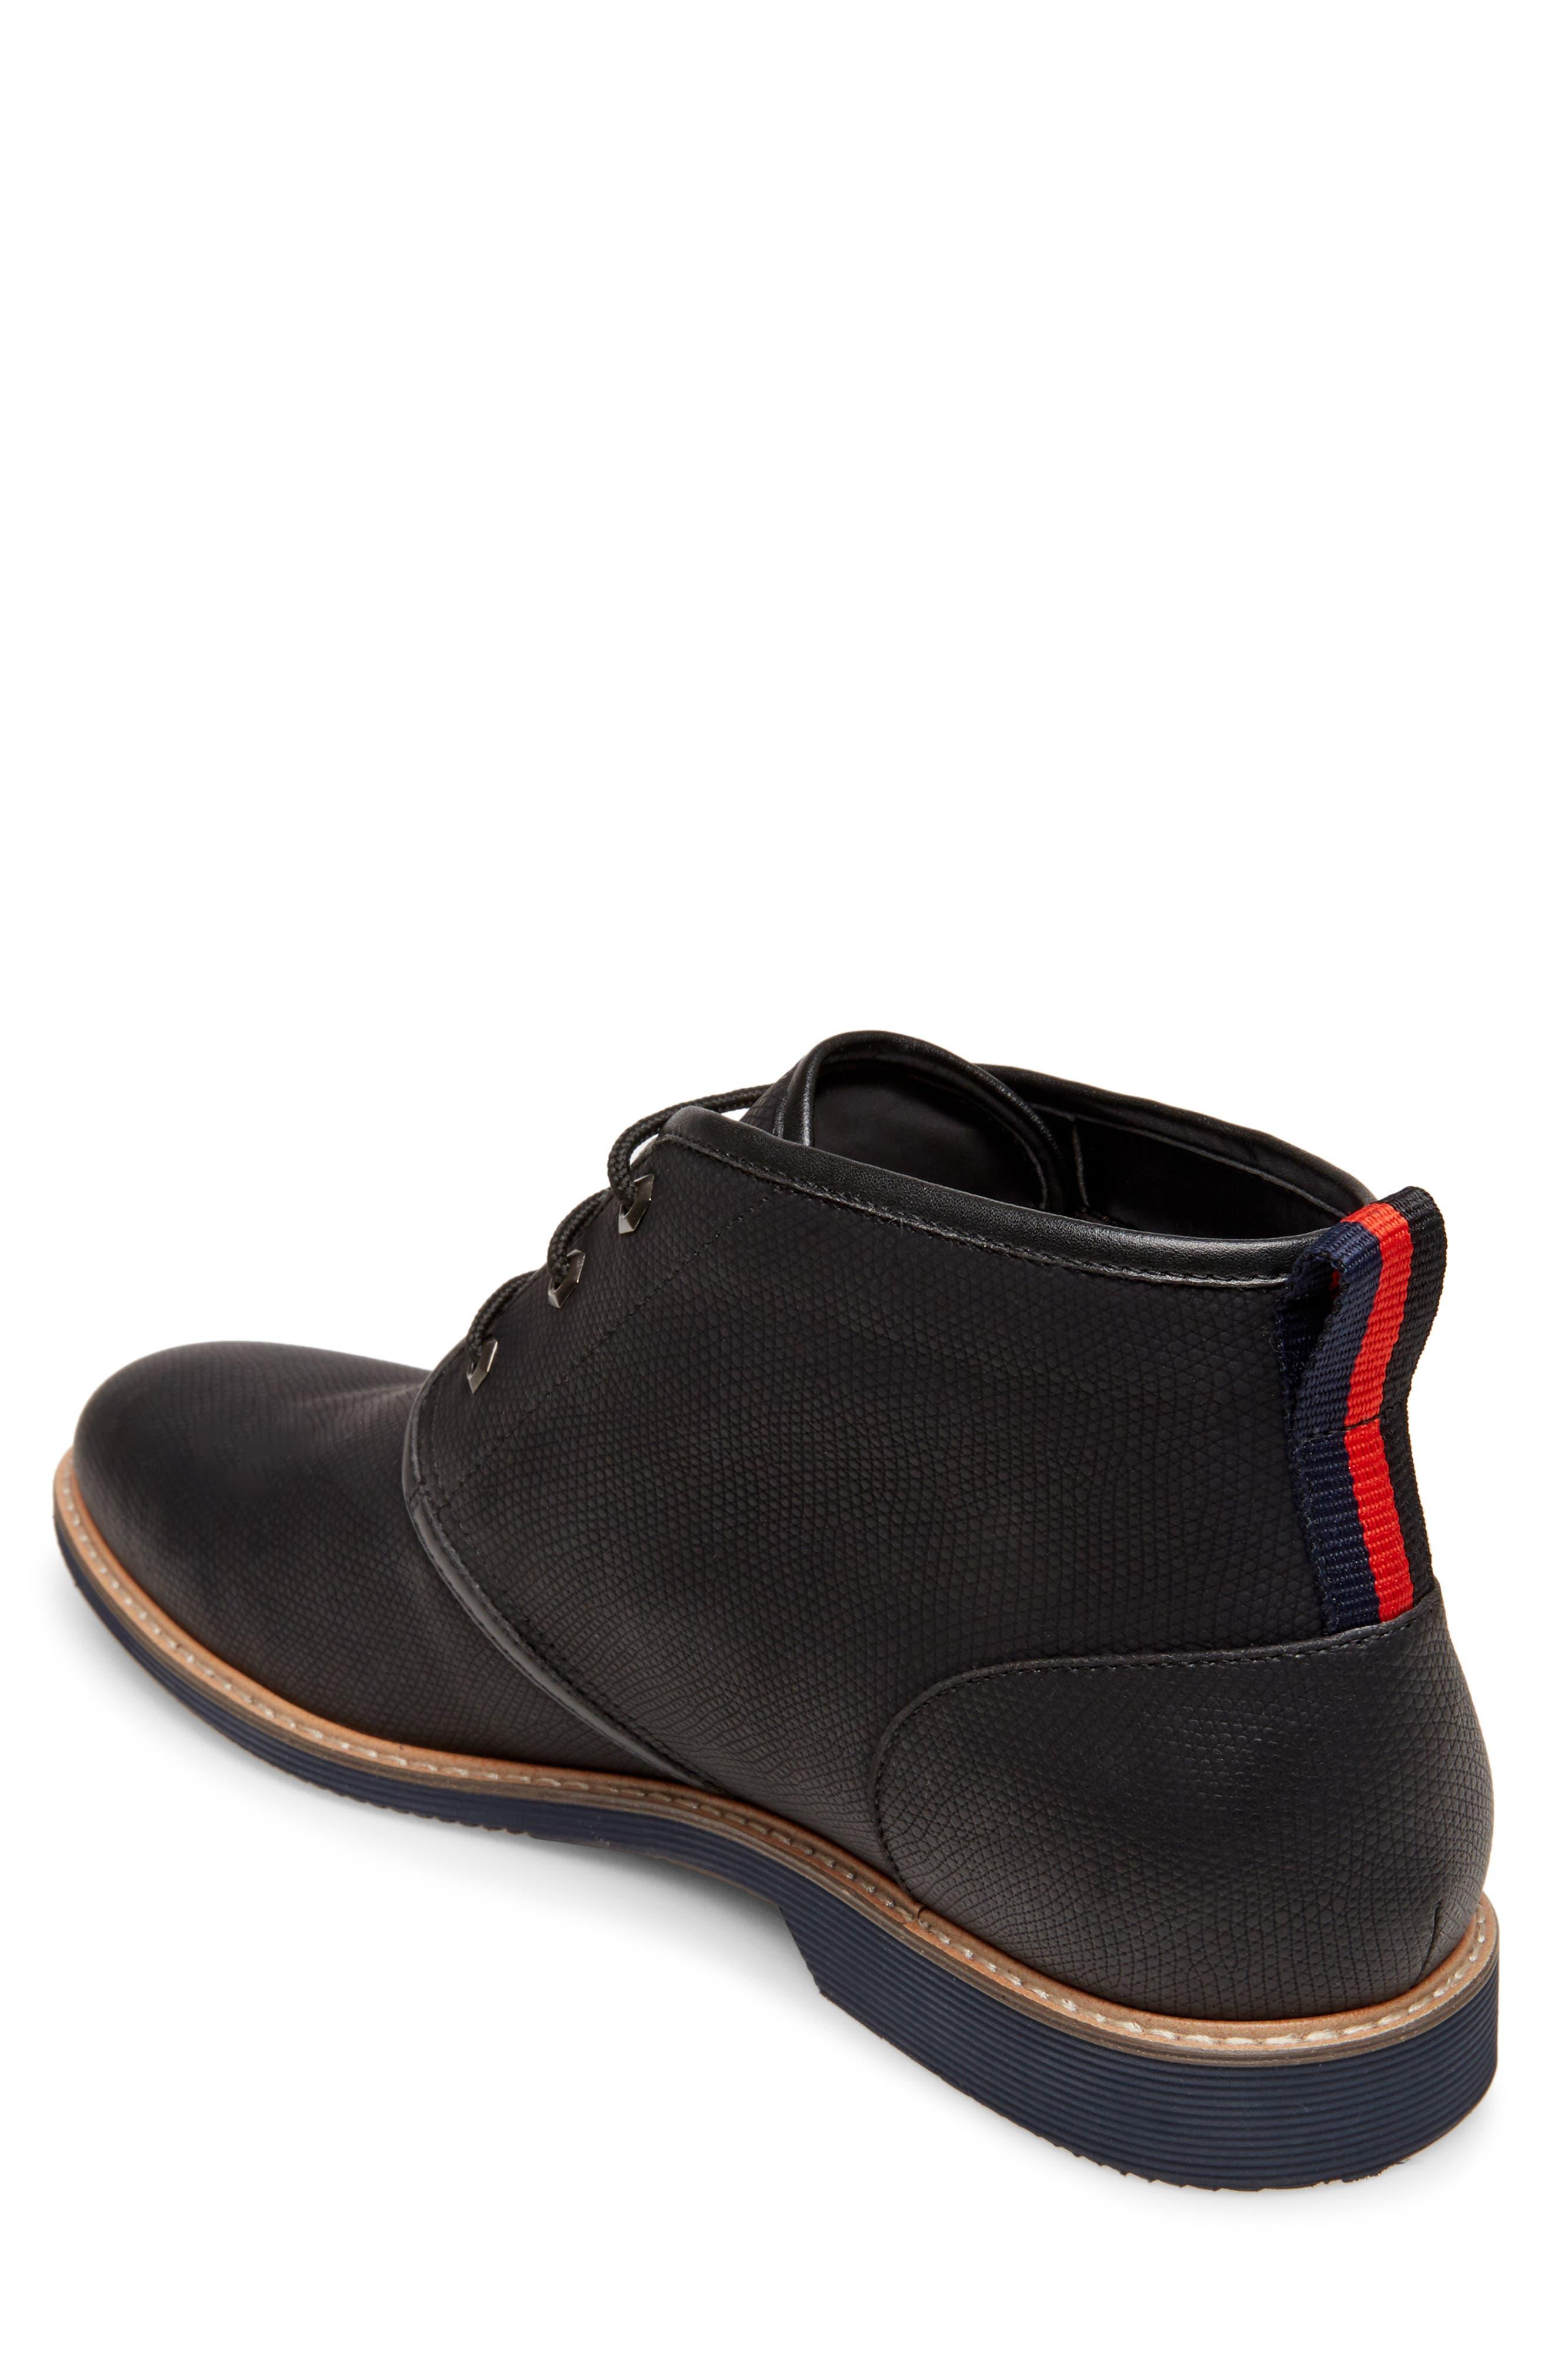 Nurture Plain Toe Boot,                             Alternate thumbnail 2, color,                             BLACK